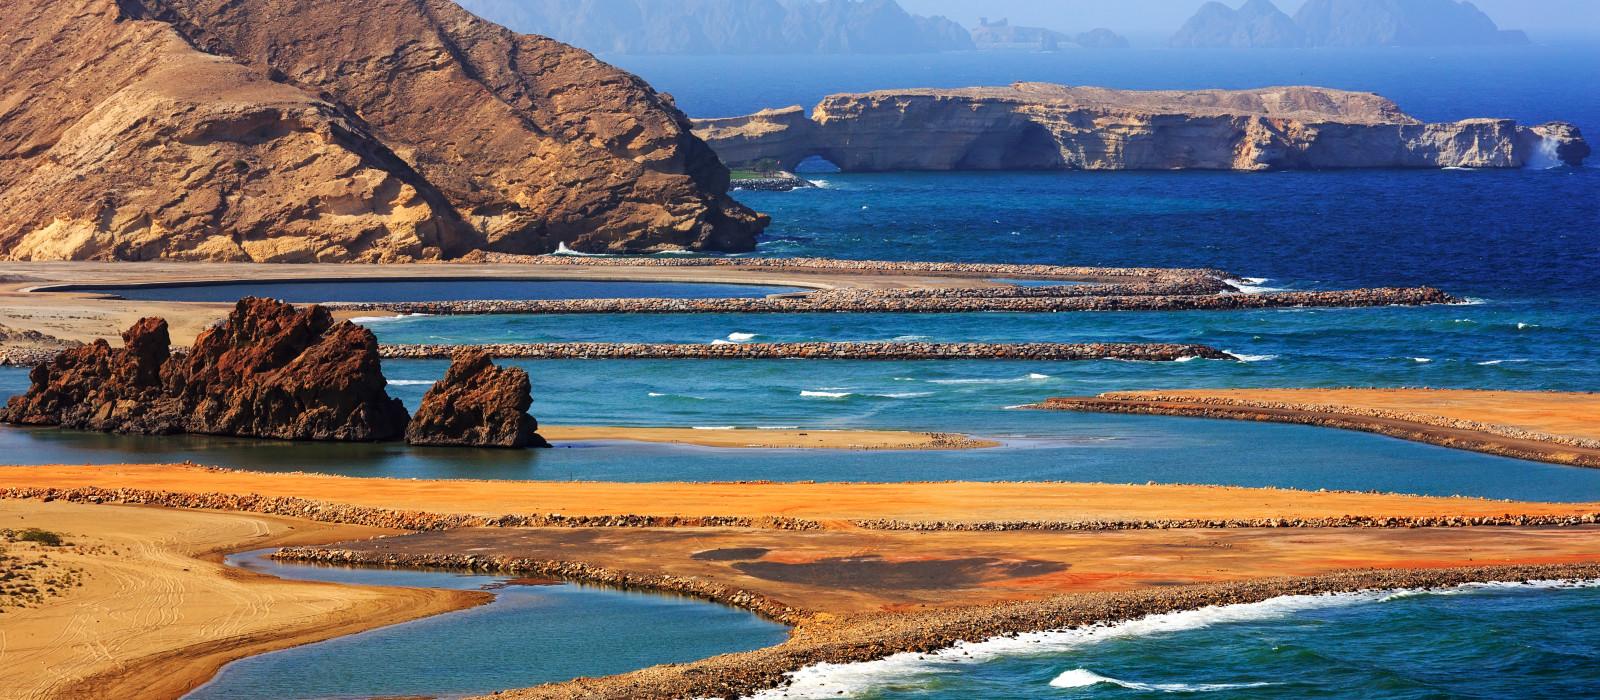 Oman's Landscapes and Coastal Gems Tour Trip 1